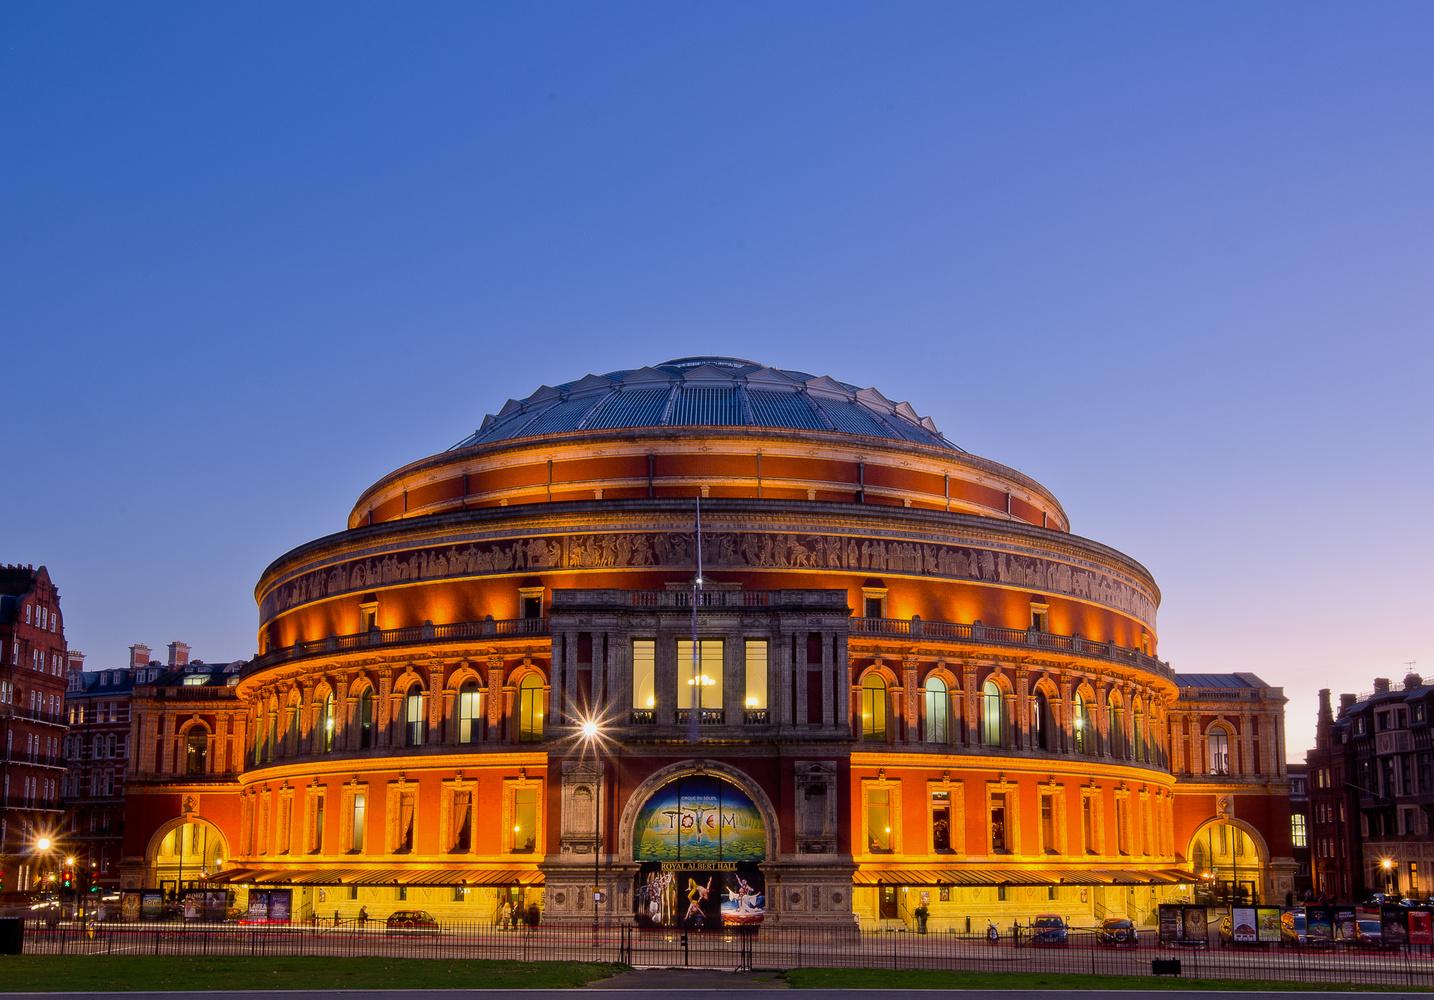 Royal Albert Hall by Justin Howard